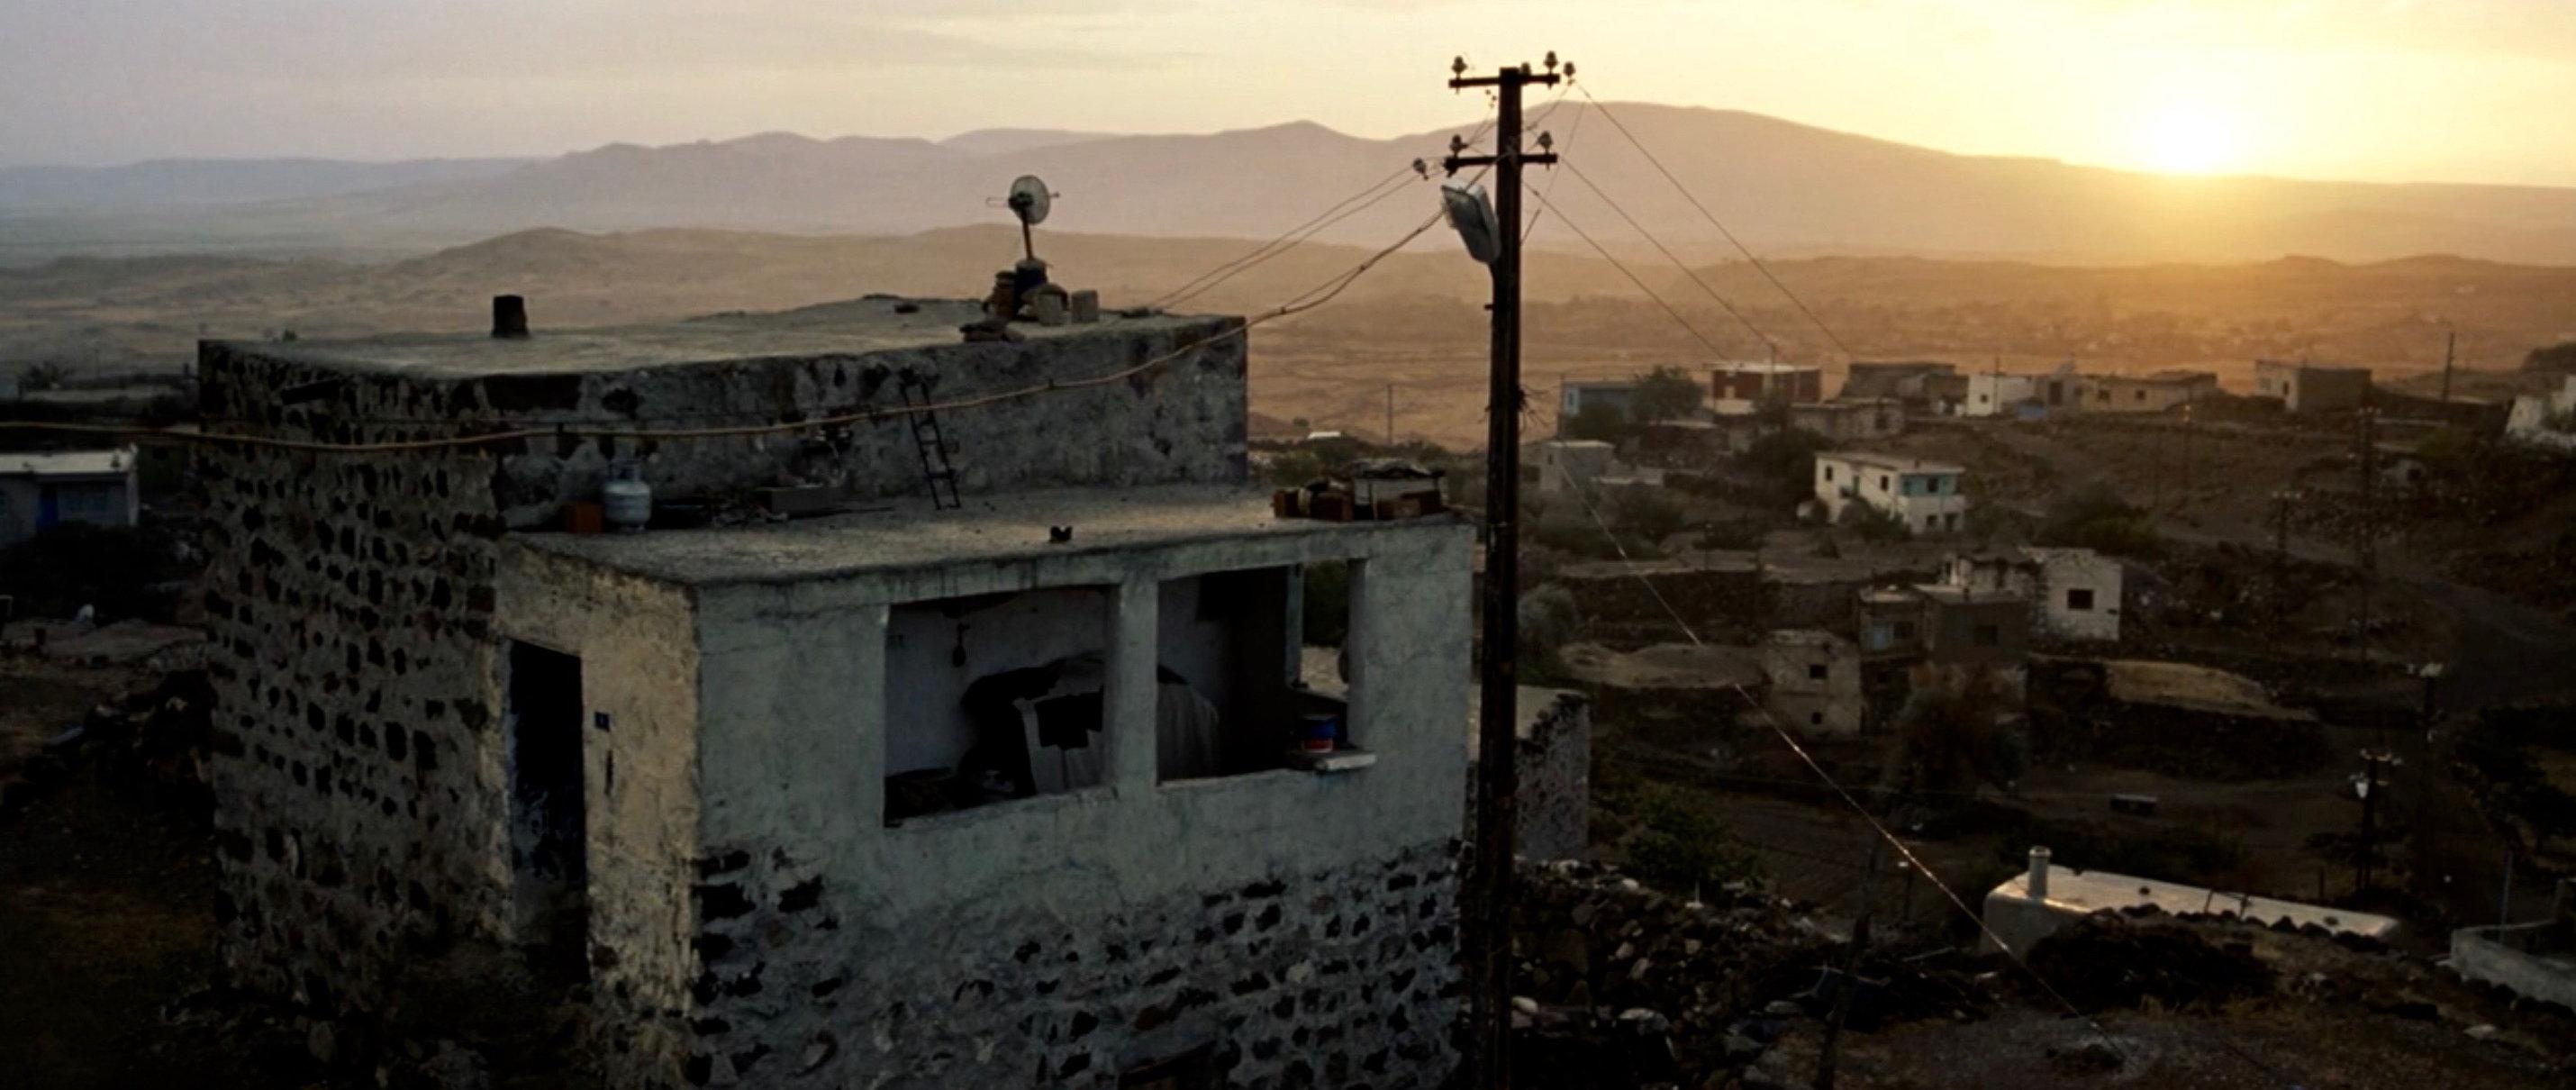 Die Fremde - When We Leave - Im Nirgendwo - Türkei - Regie: Feo Aladag - Kamera Judith Kaufmann